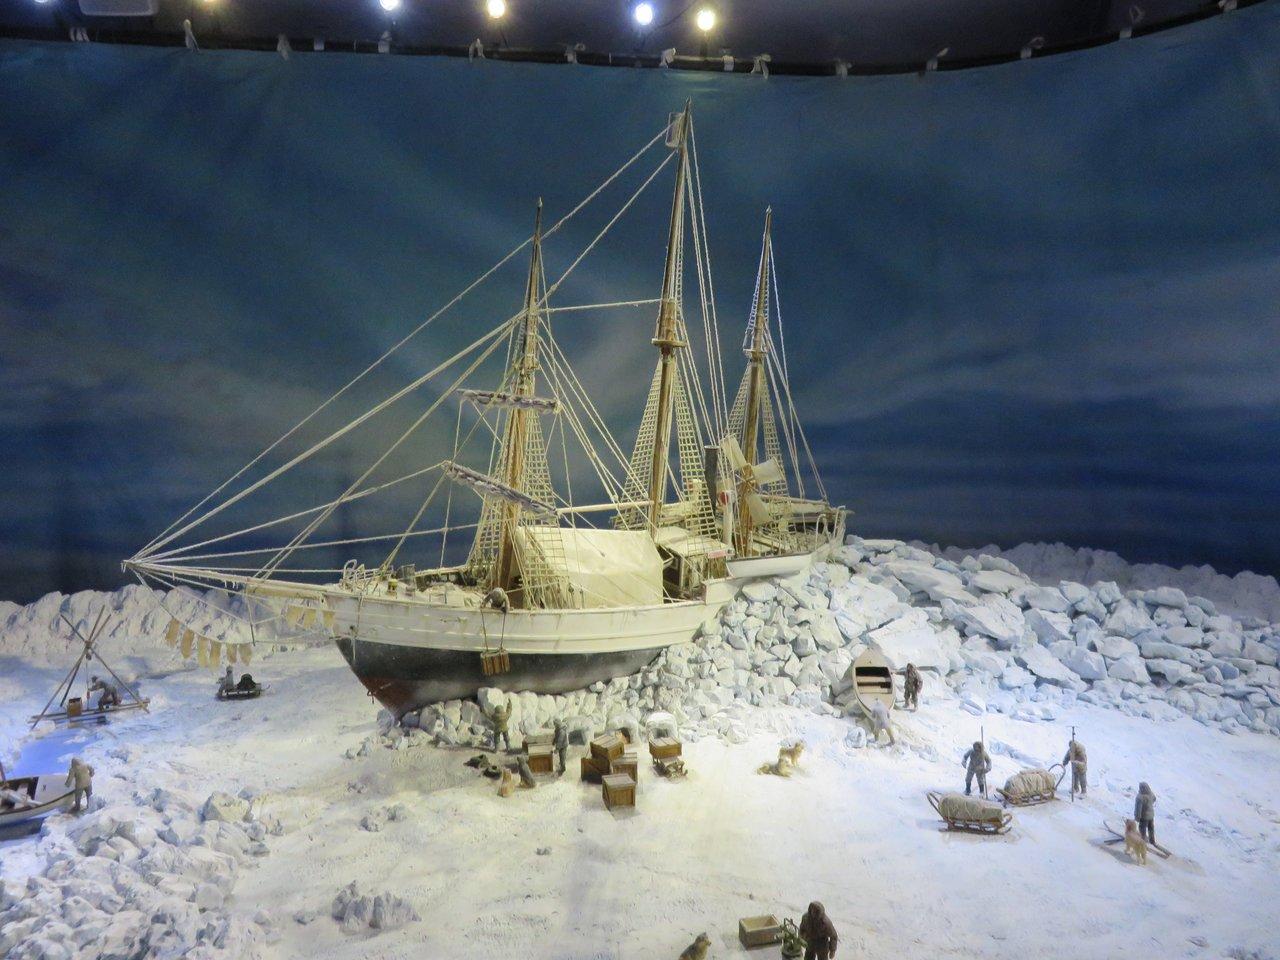 Fram diorama | Photo taken by Mary K